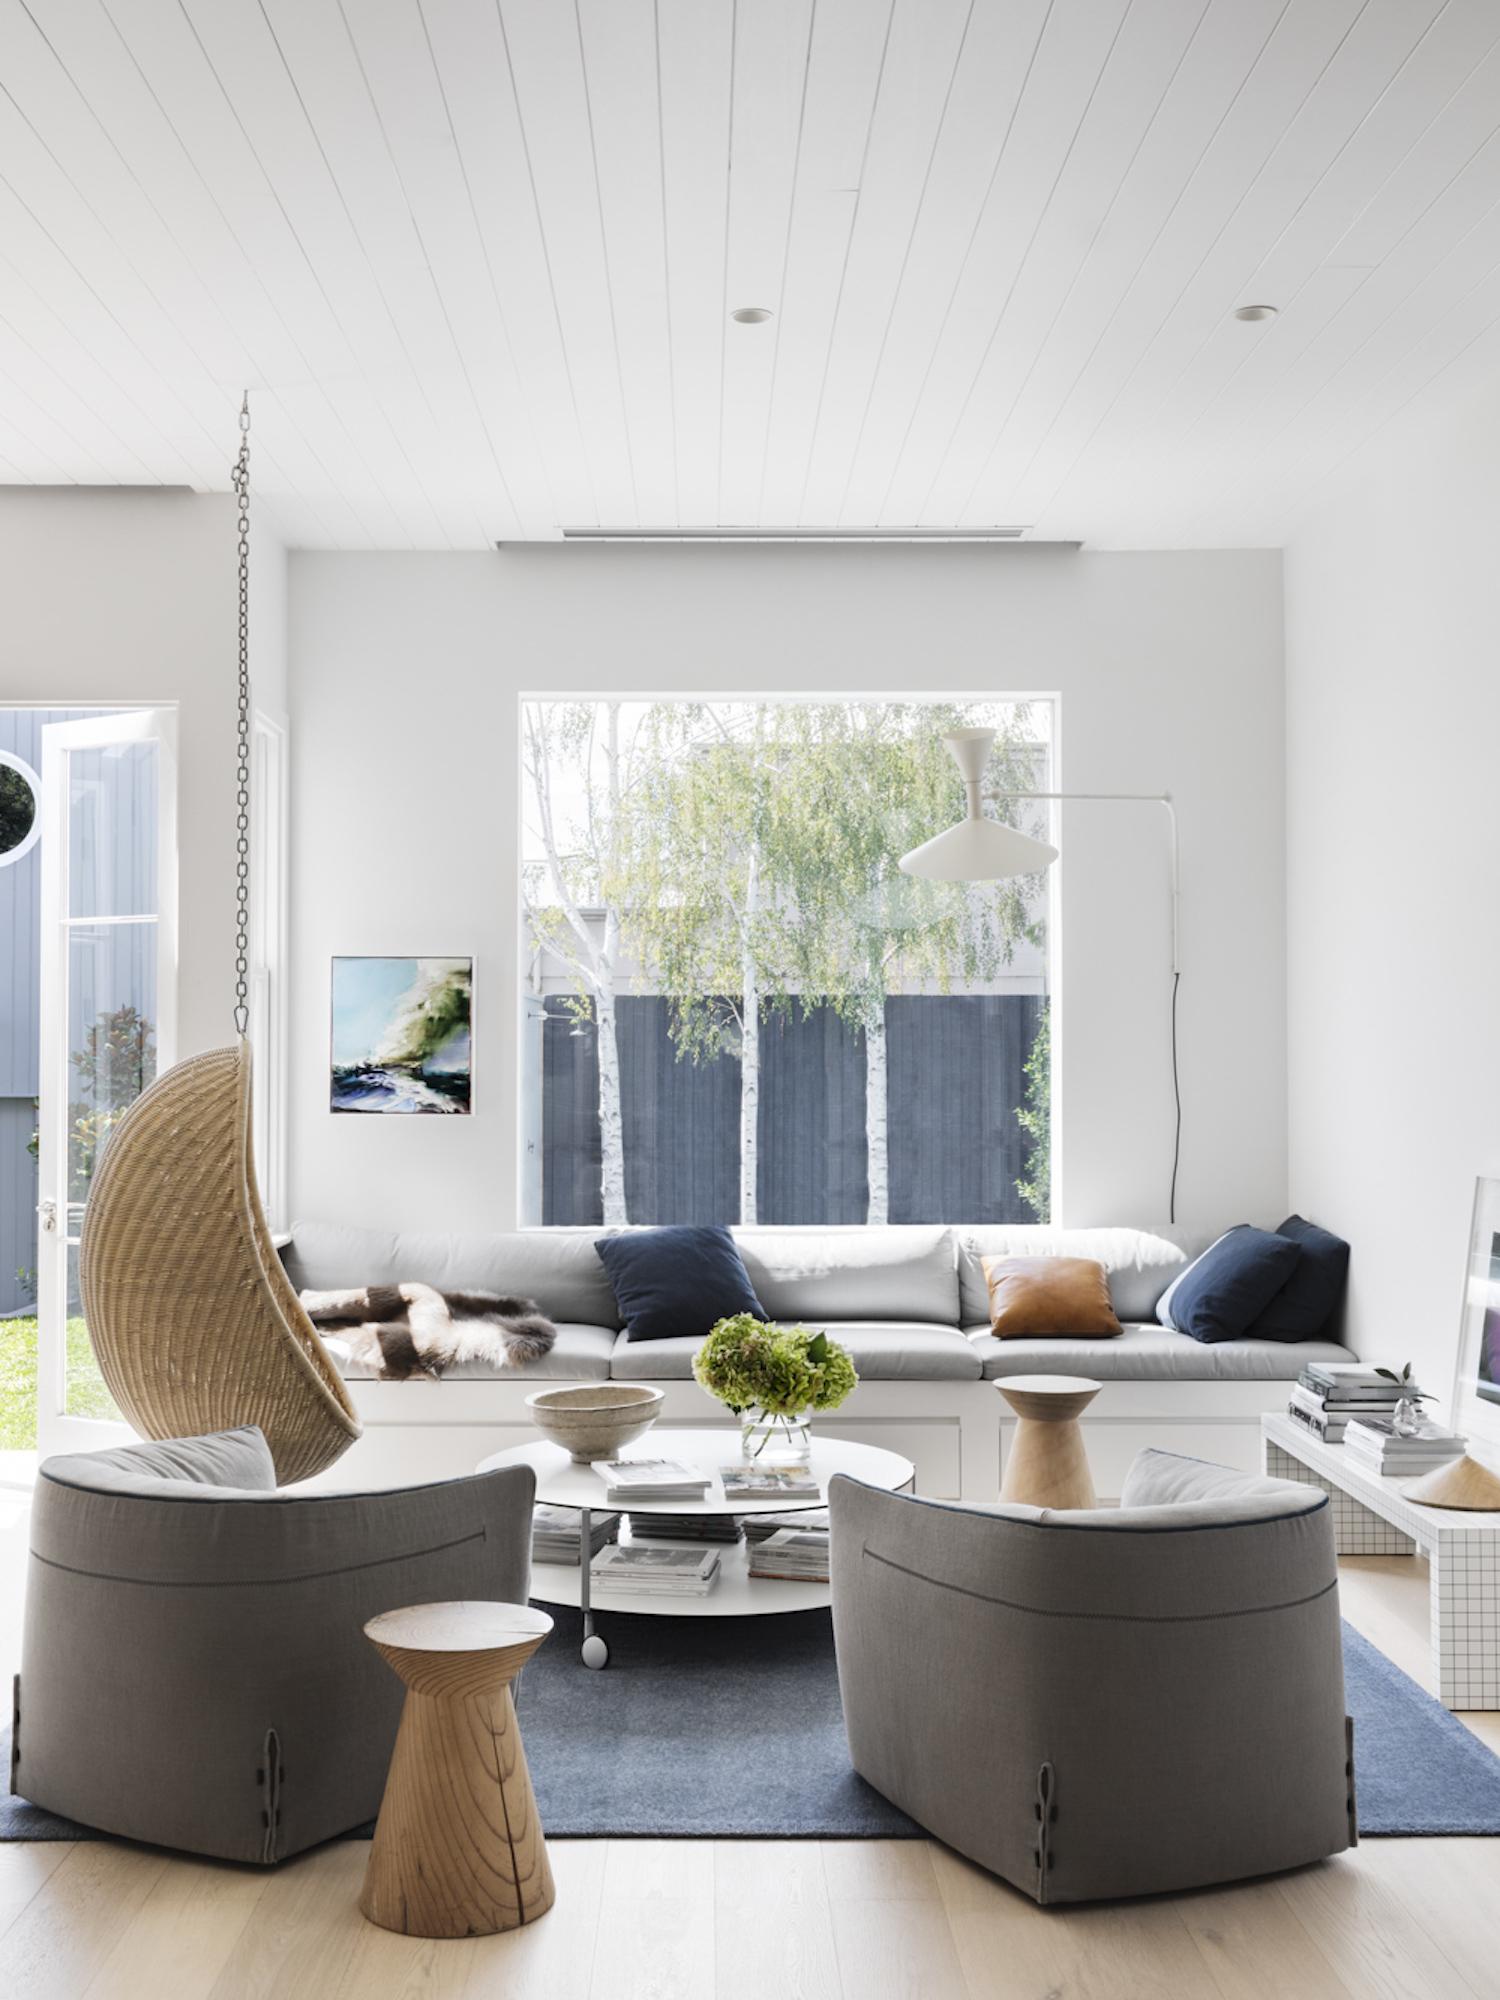 est living designer ali ross family home 9